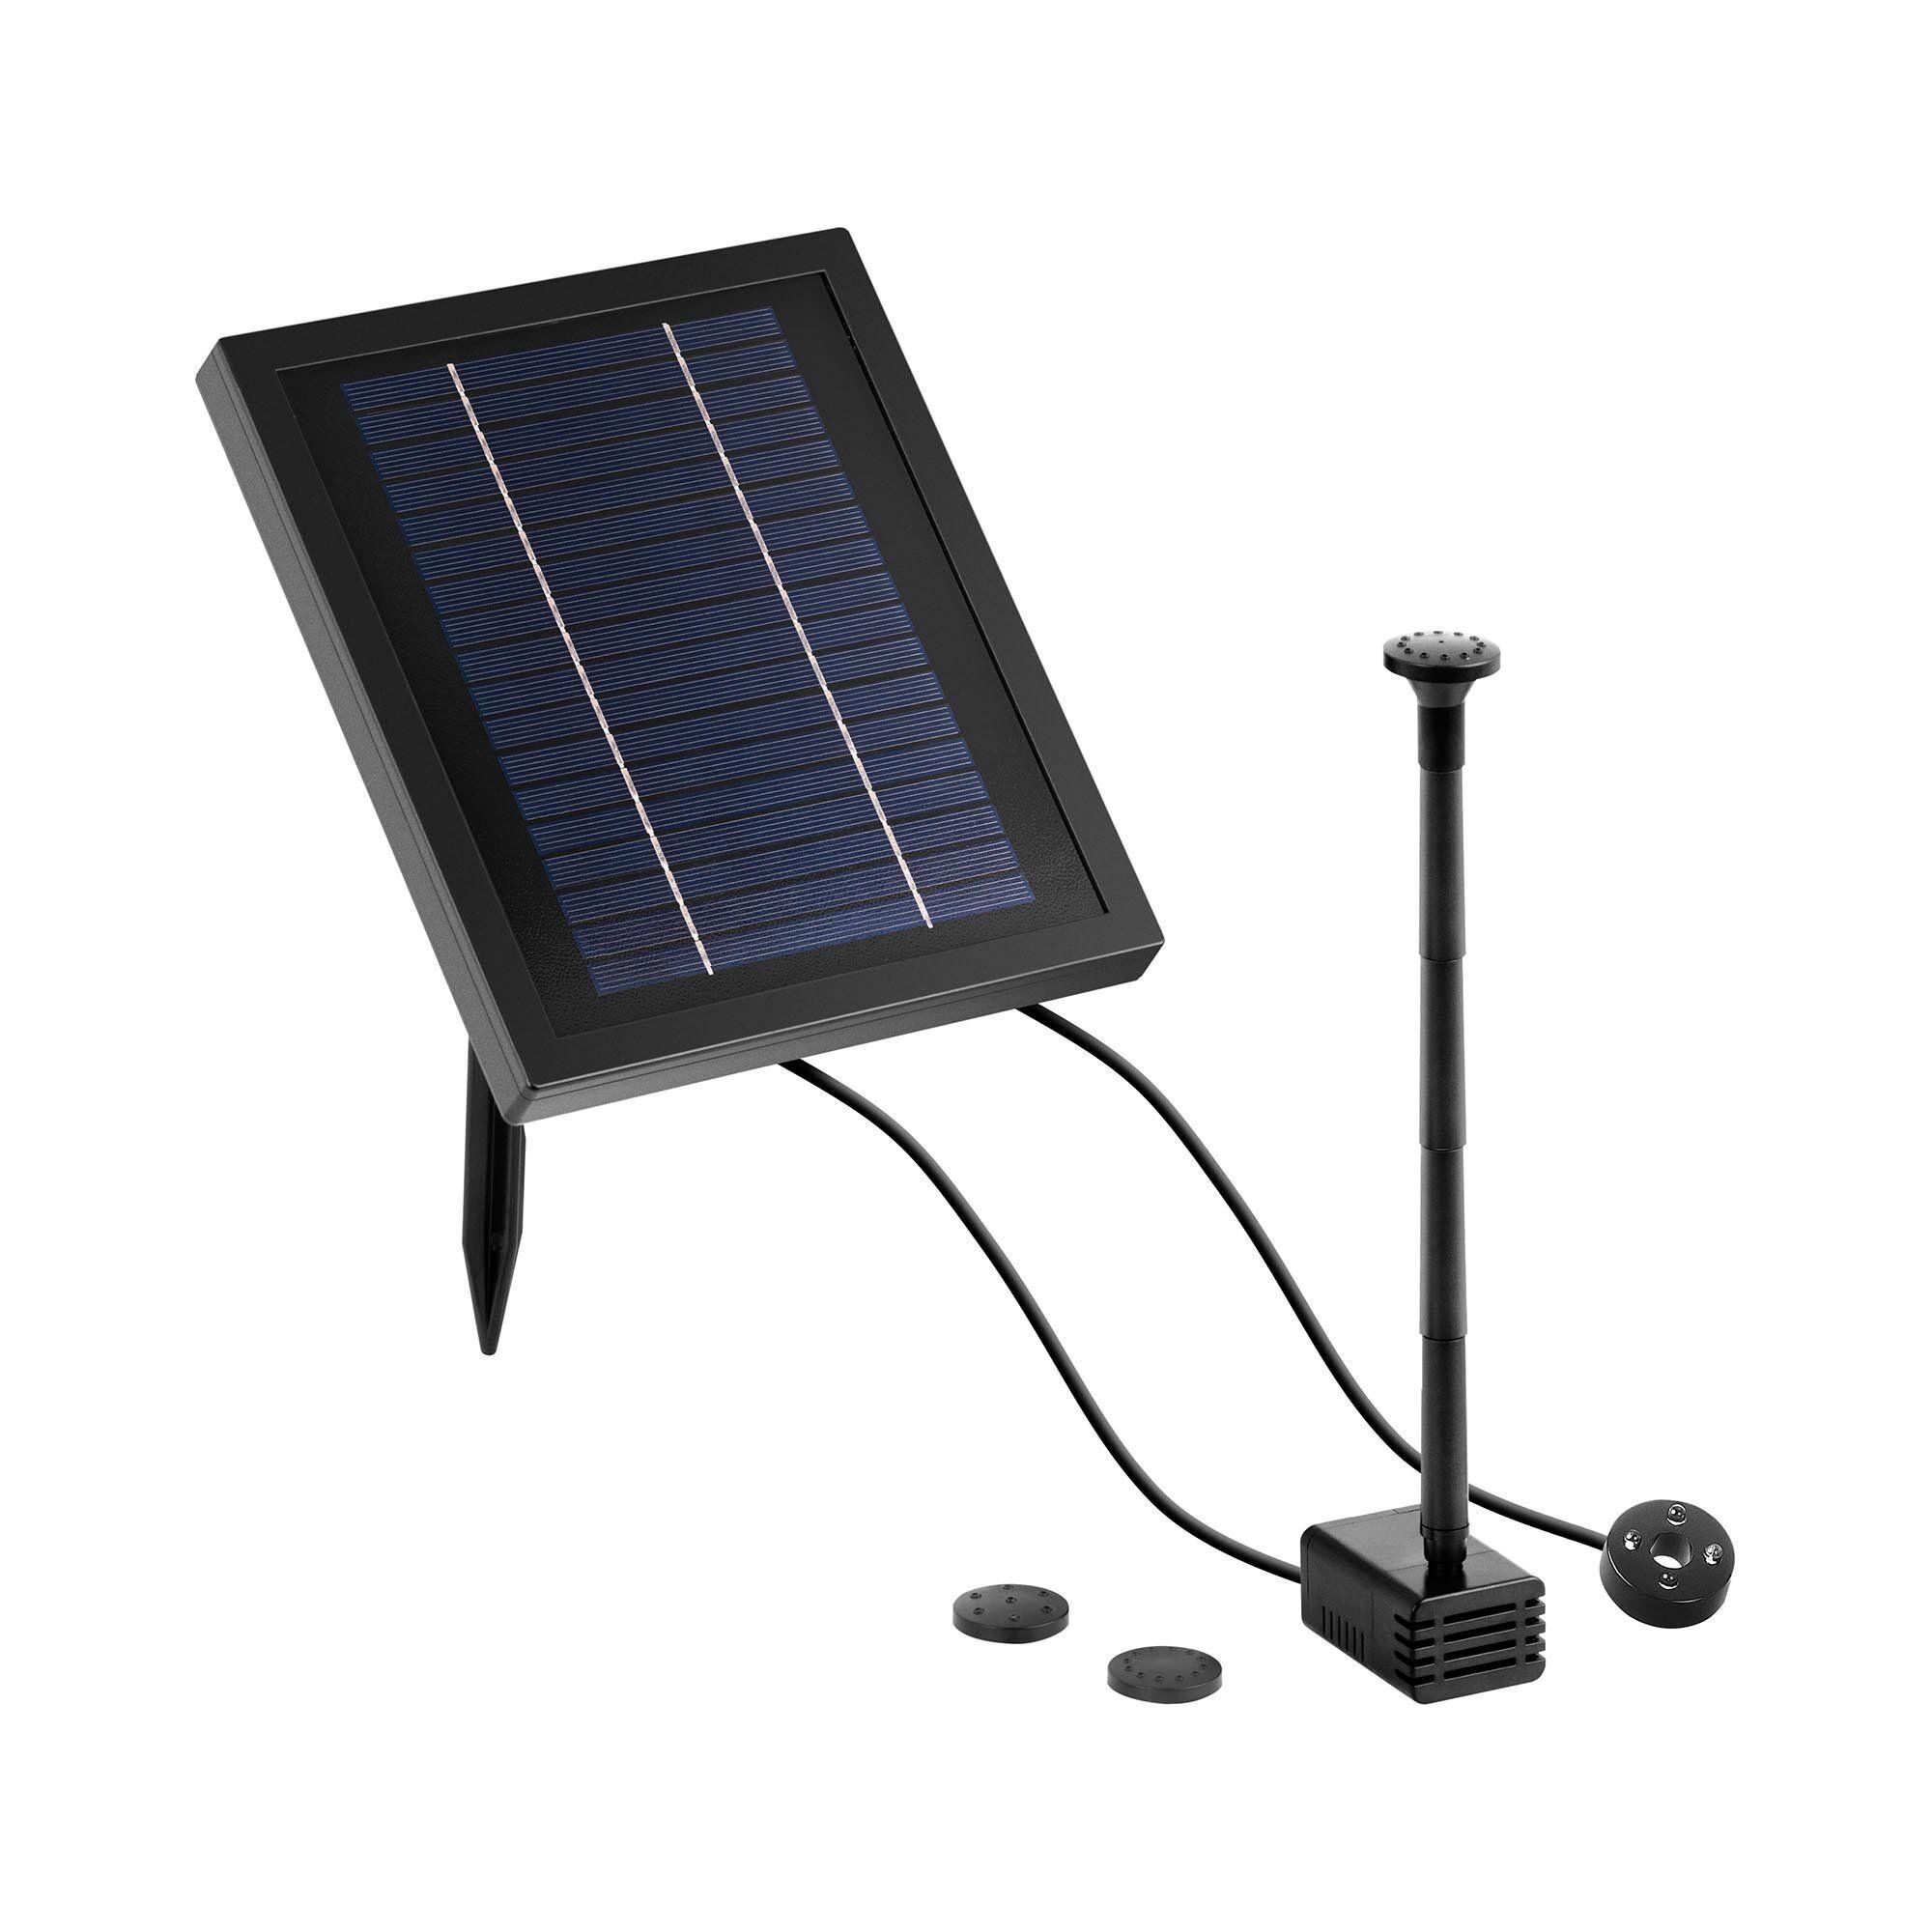 uniprodo pompa laghetto solare - 250 l/h - led uni_pump_11